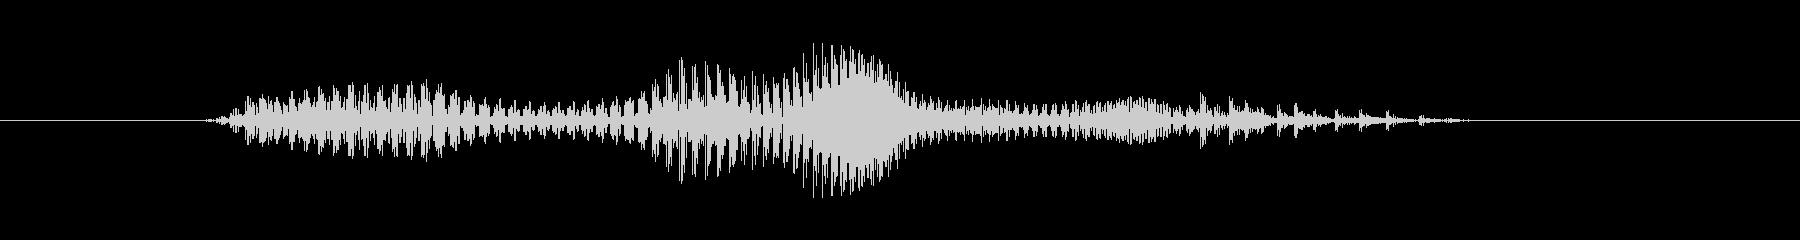 ゴリラ(Gorilla)の未再生の波形